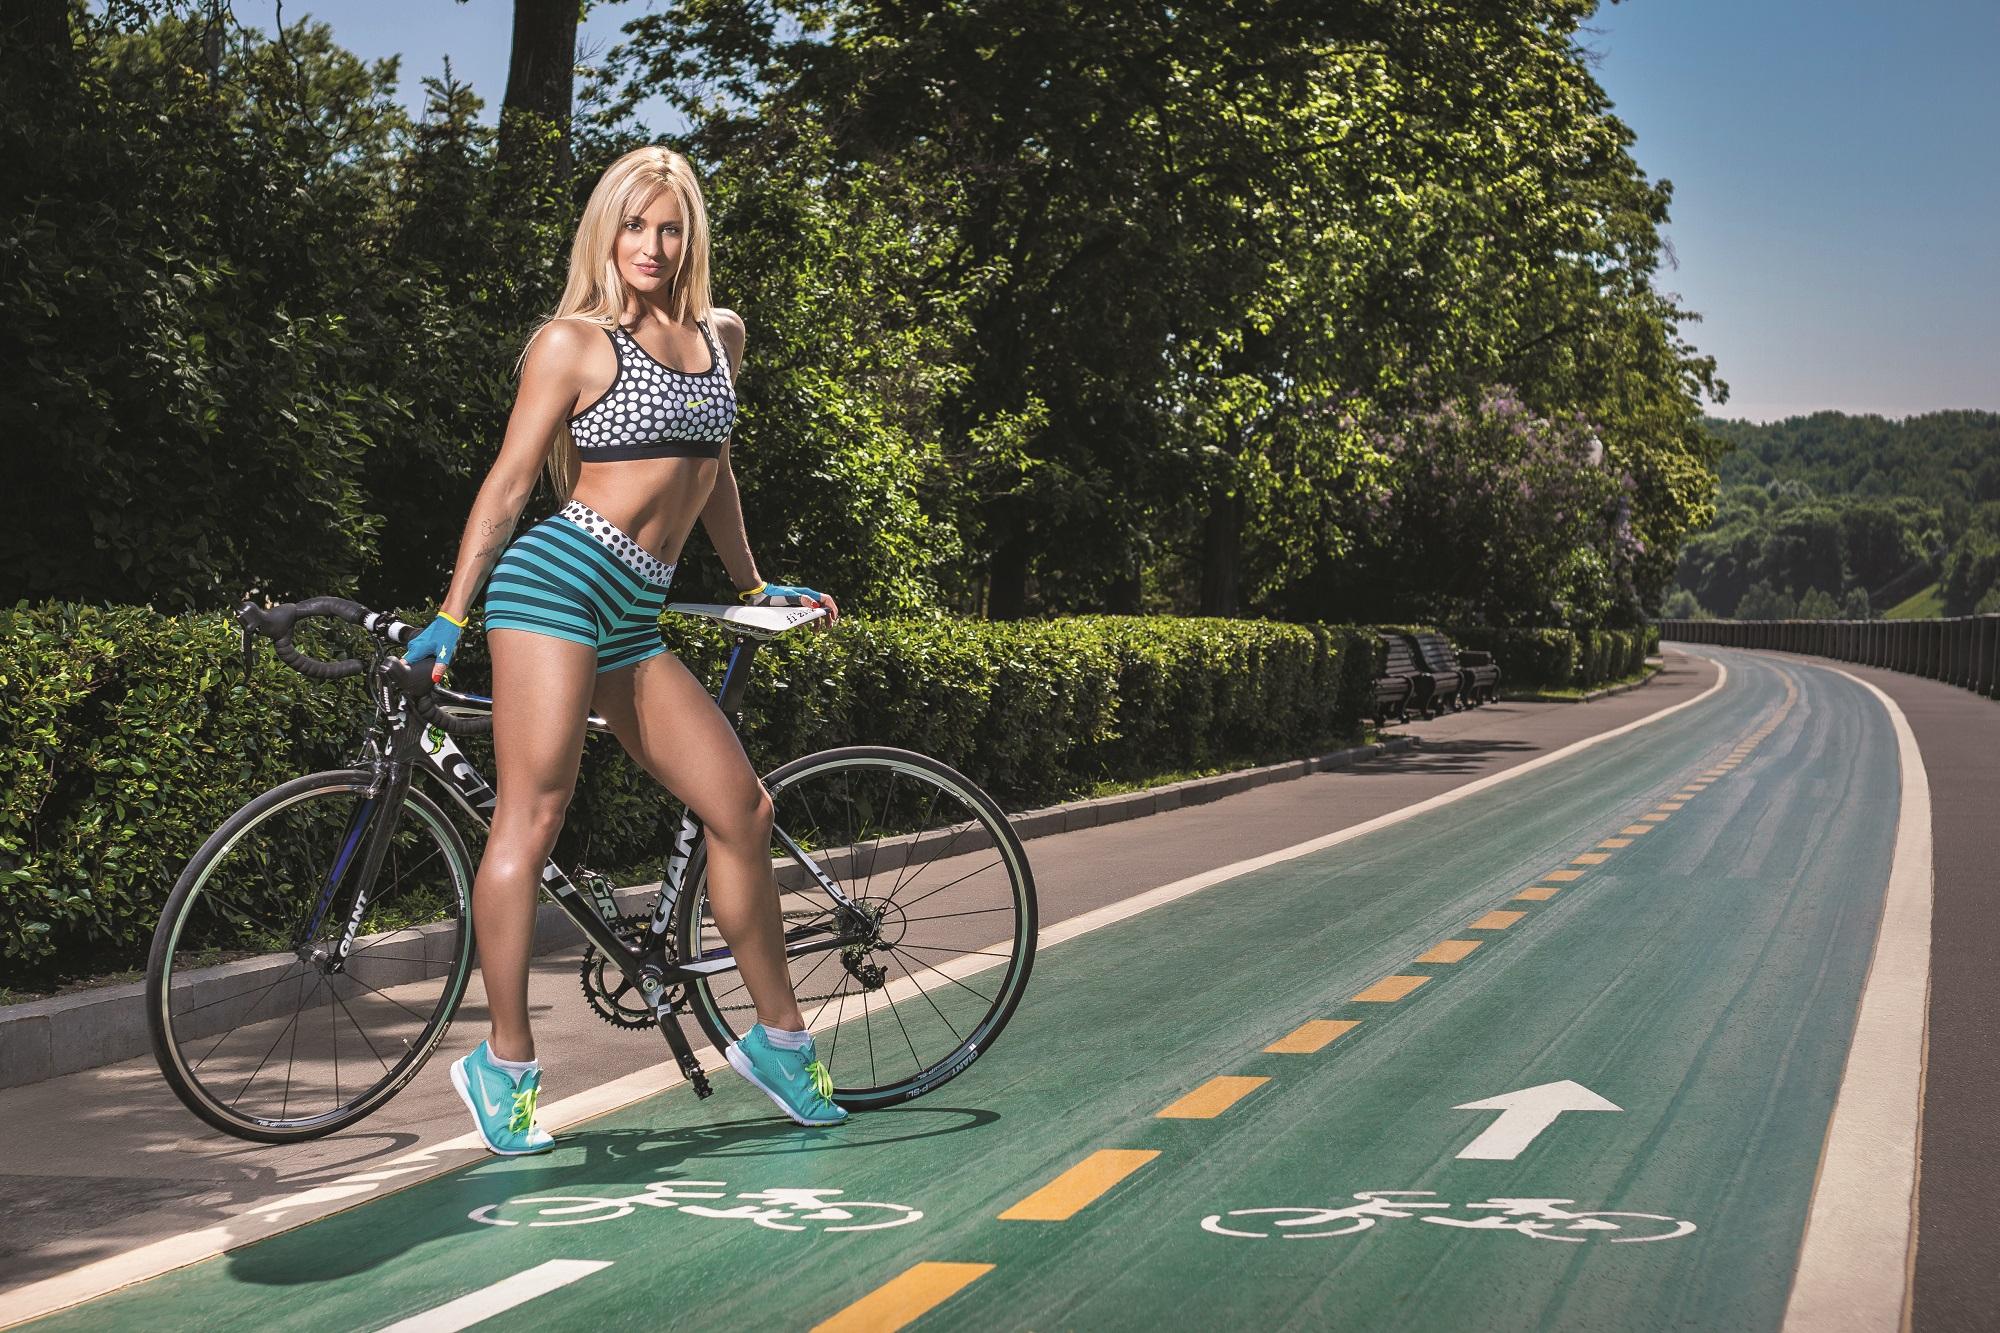 Екатерина Лаптева фотосессия с велосипедом